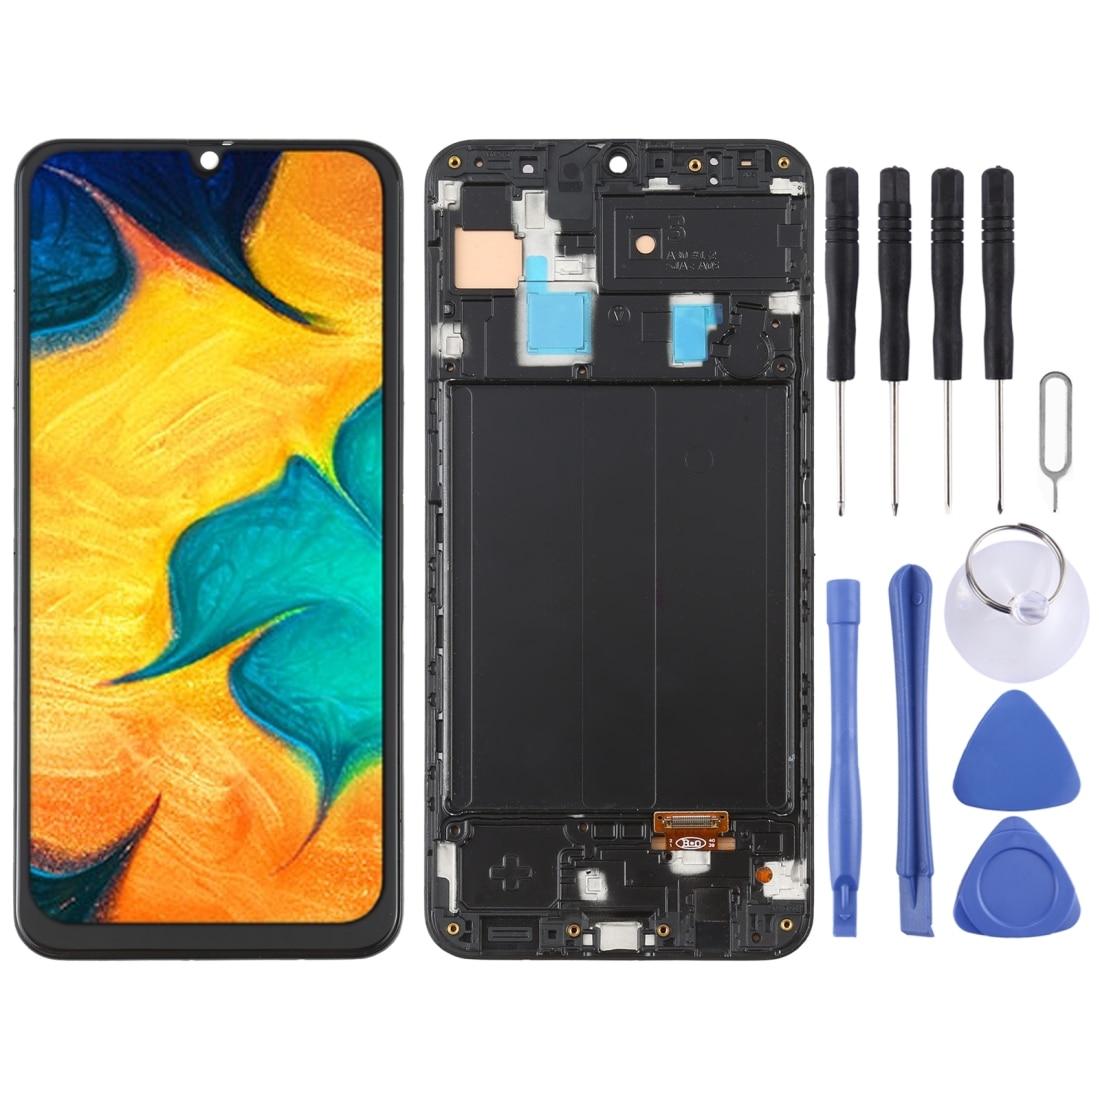 IPartsBuy OLED المواد شاشة LCD وتحويل الأرقام الجمعية الكاملة مع الإطار لسامسونج غالاكسي A30 SM-A305